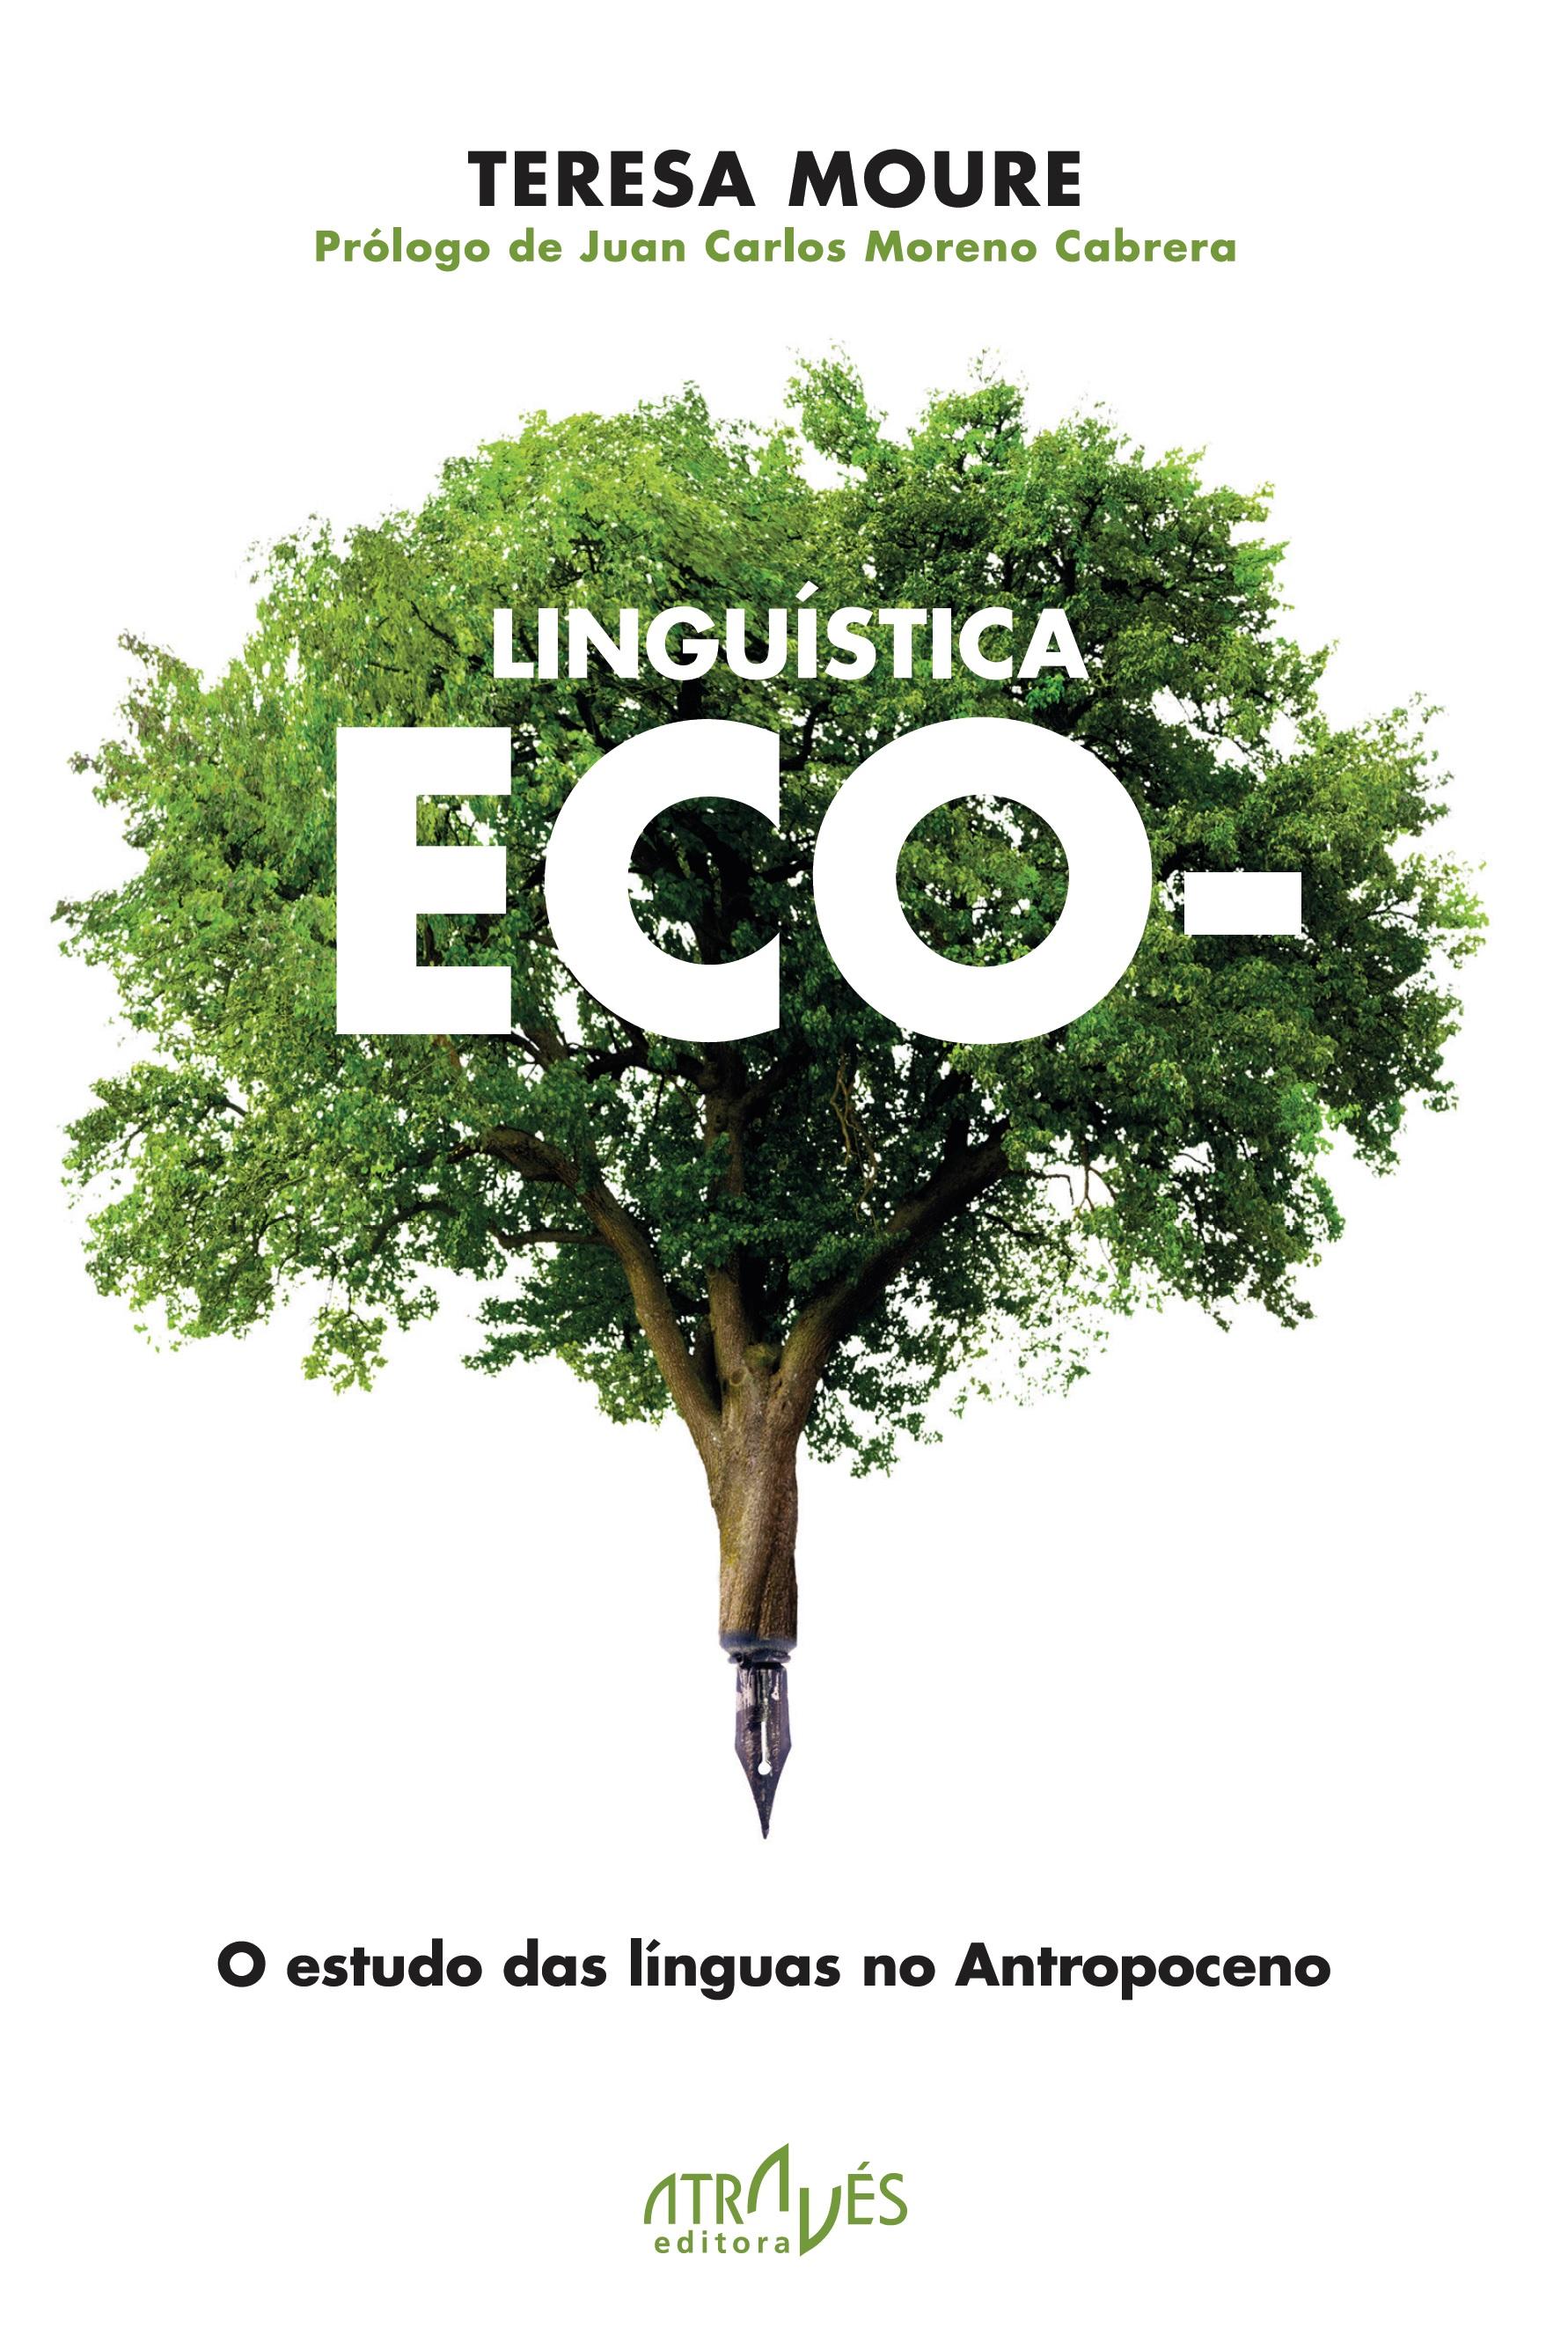 linguistica eco capa